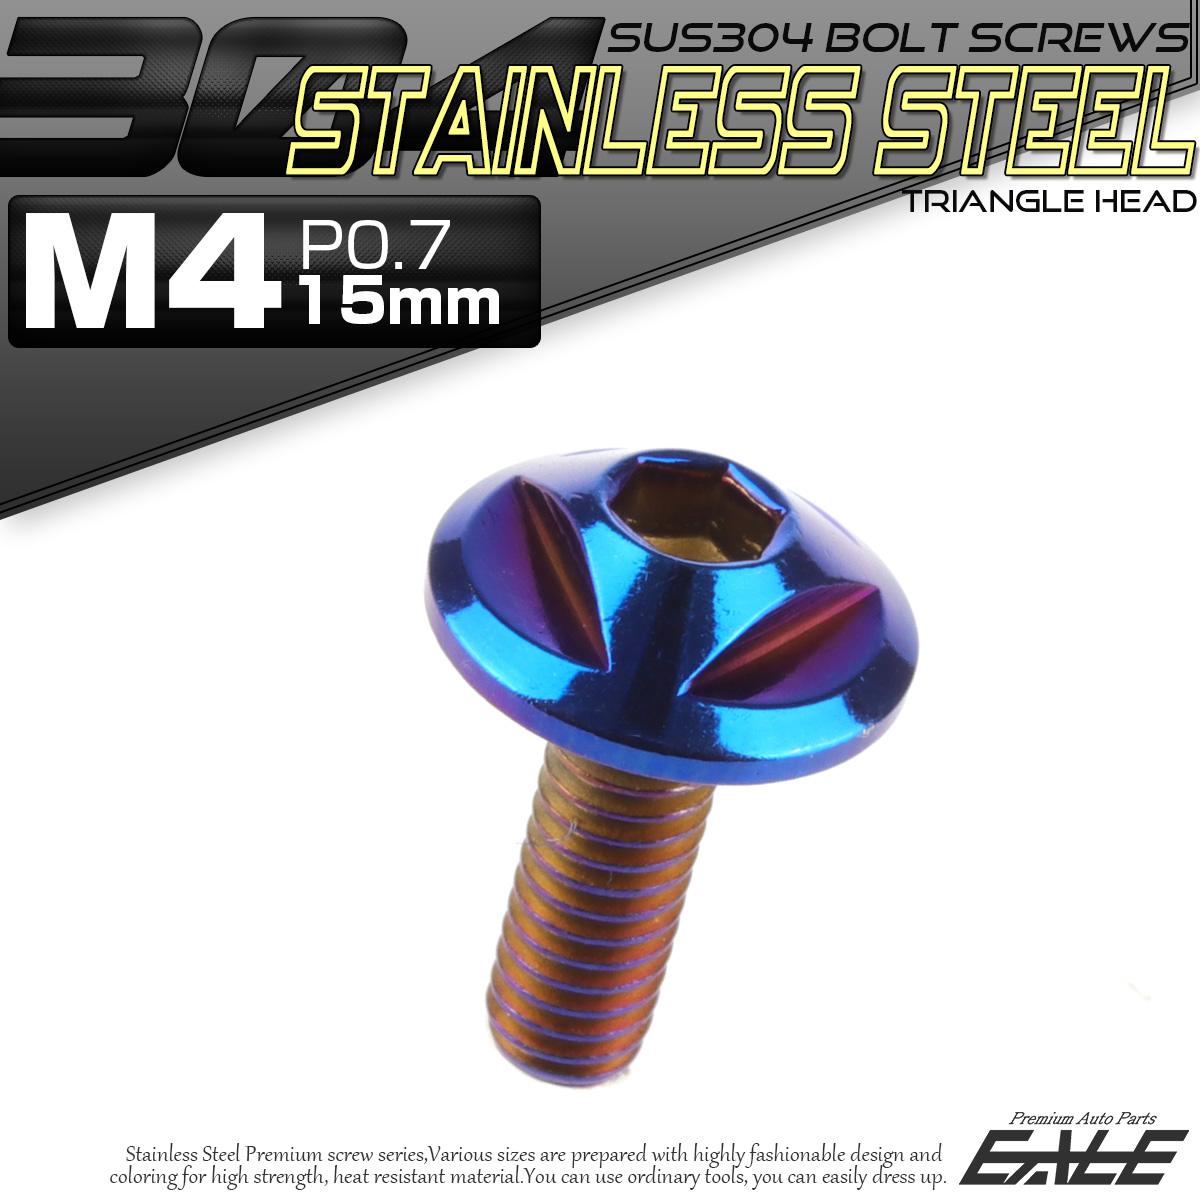 SUS304 フランジ付 ボタンボルト M4×15mm P0.7 六角穴  焼きチタン トライアングルヘッド ステンレス製  TR0156